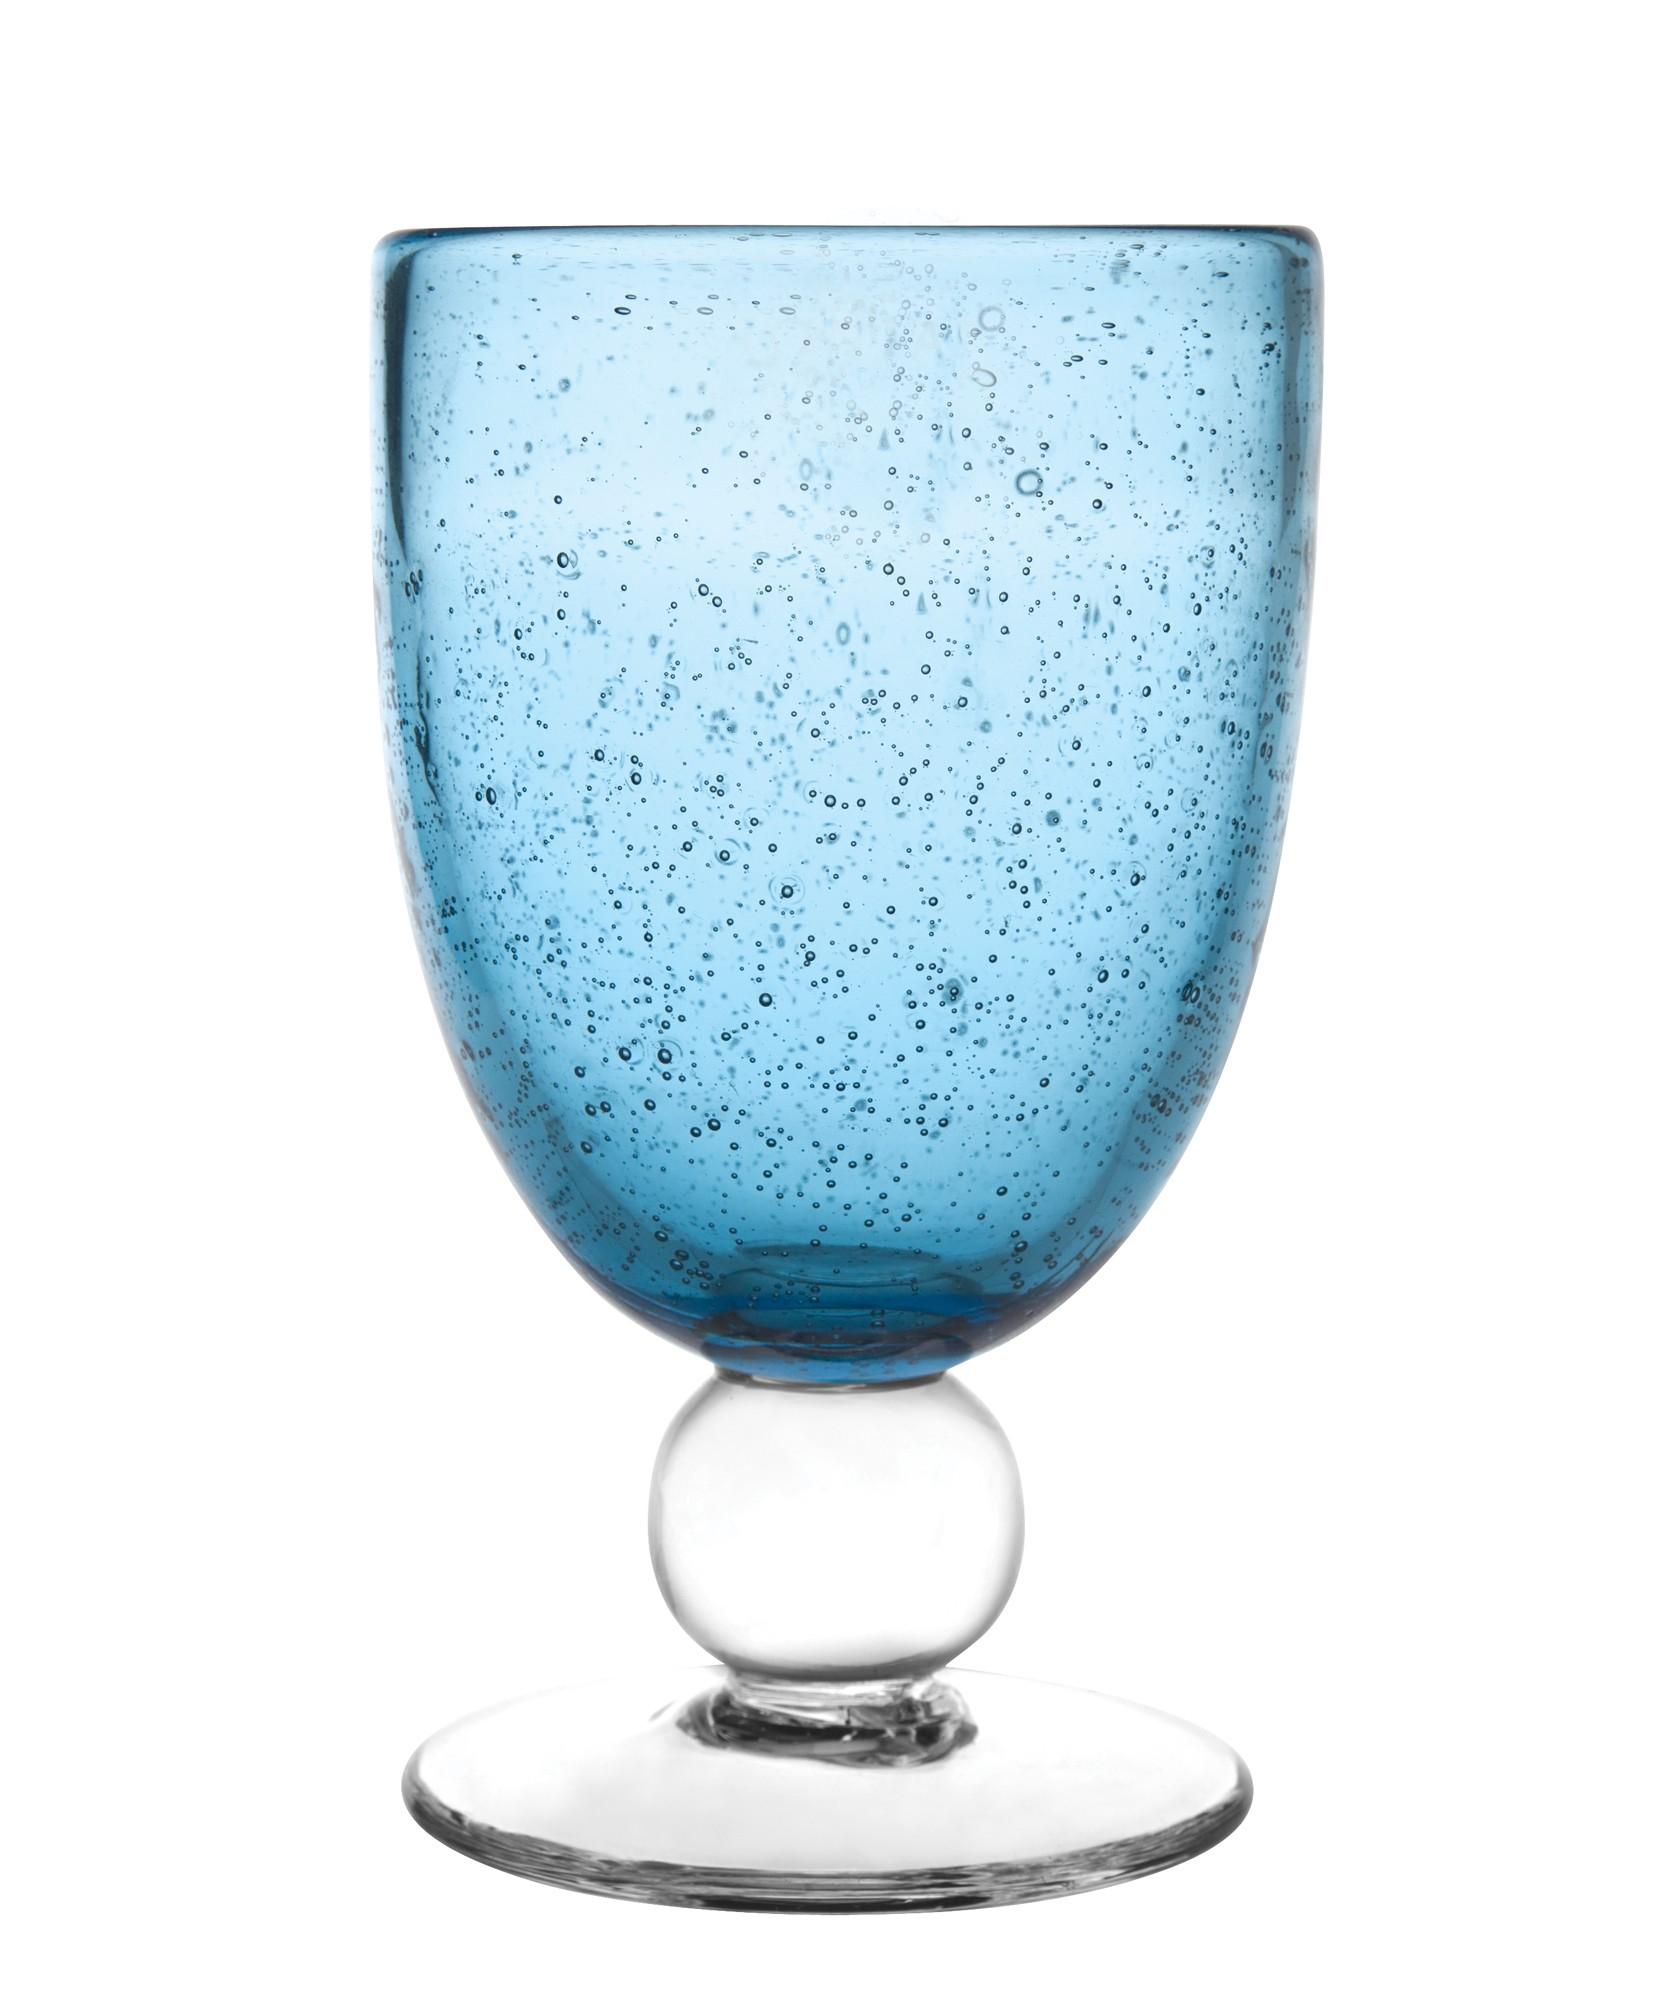 Ποτήρι Κρασιού Anise Dark Blue Σετ 6Τμχ 260ml Ionia home   ειδη σερβιρισματος   ποτήρια